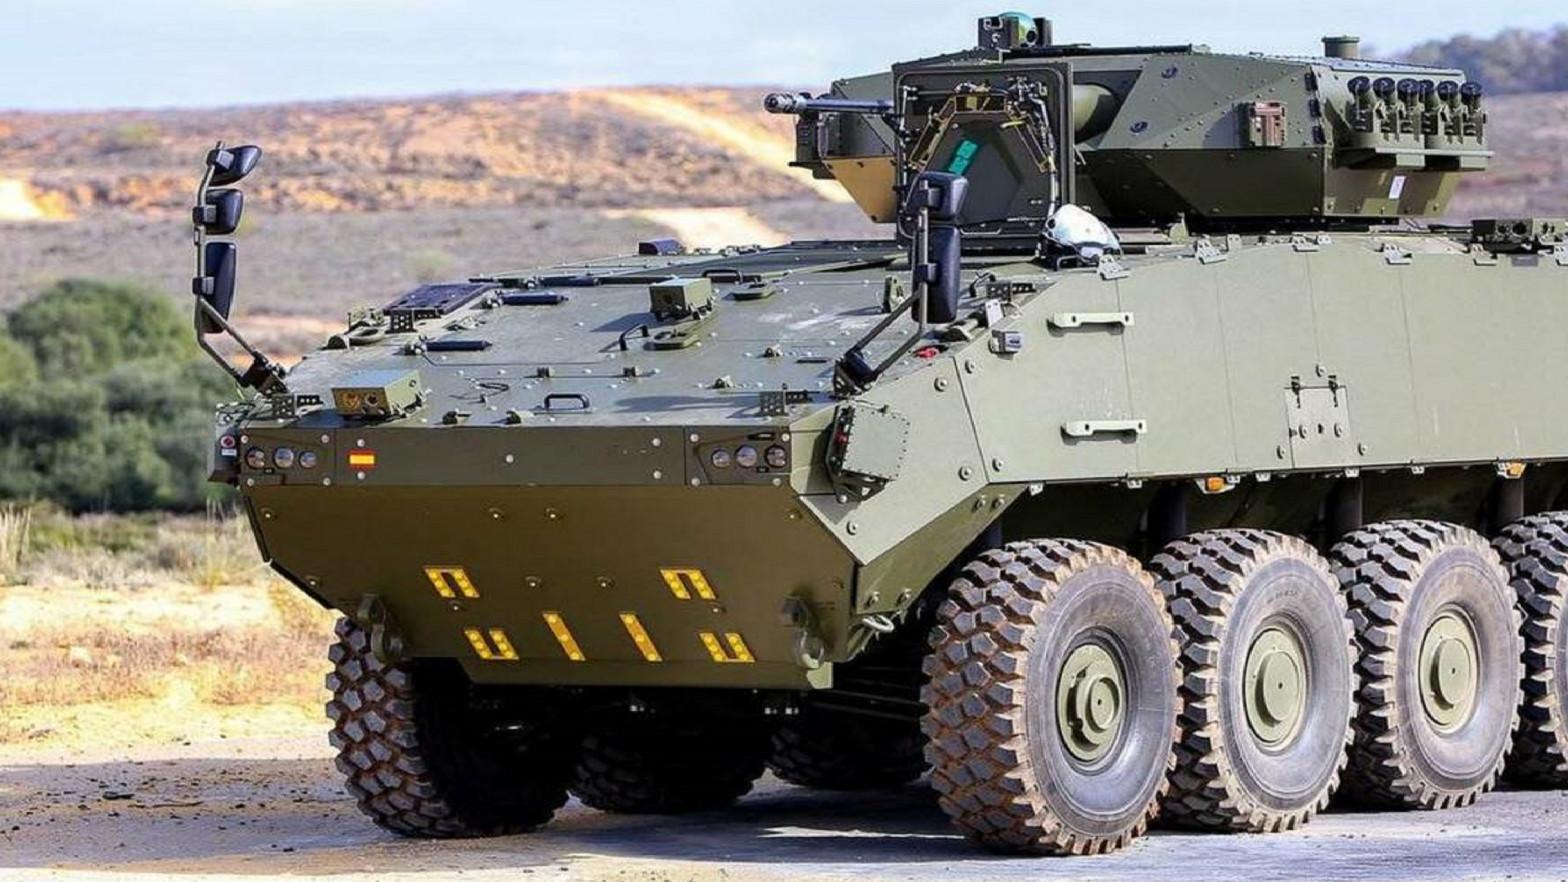 Una empresa recurre una adjudicación clave del 8x8, proyecto estrella del Ejército